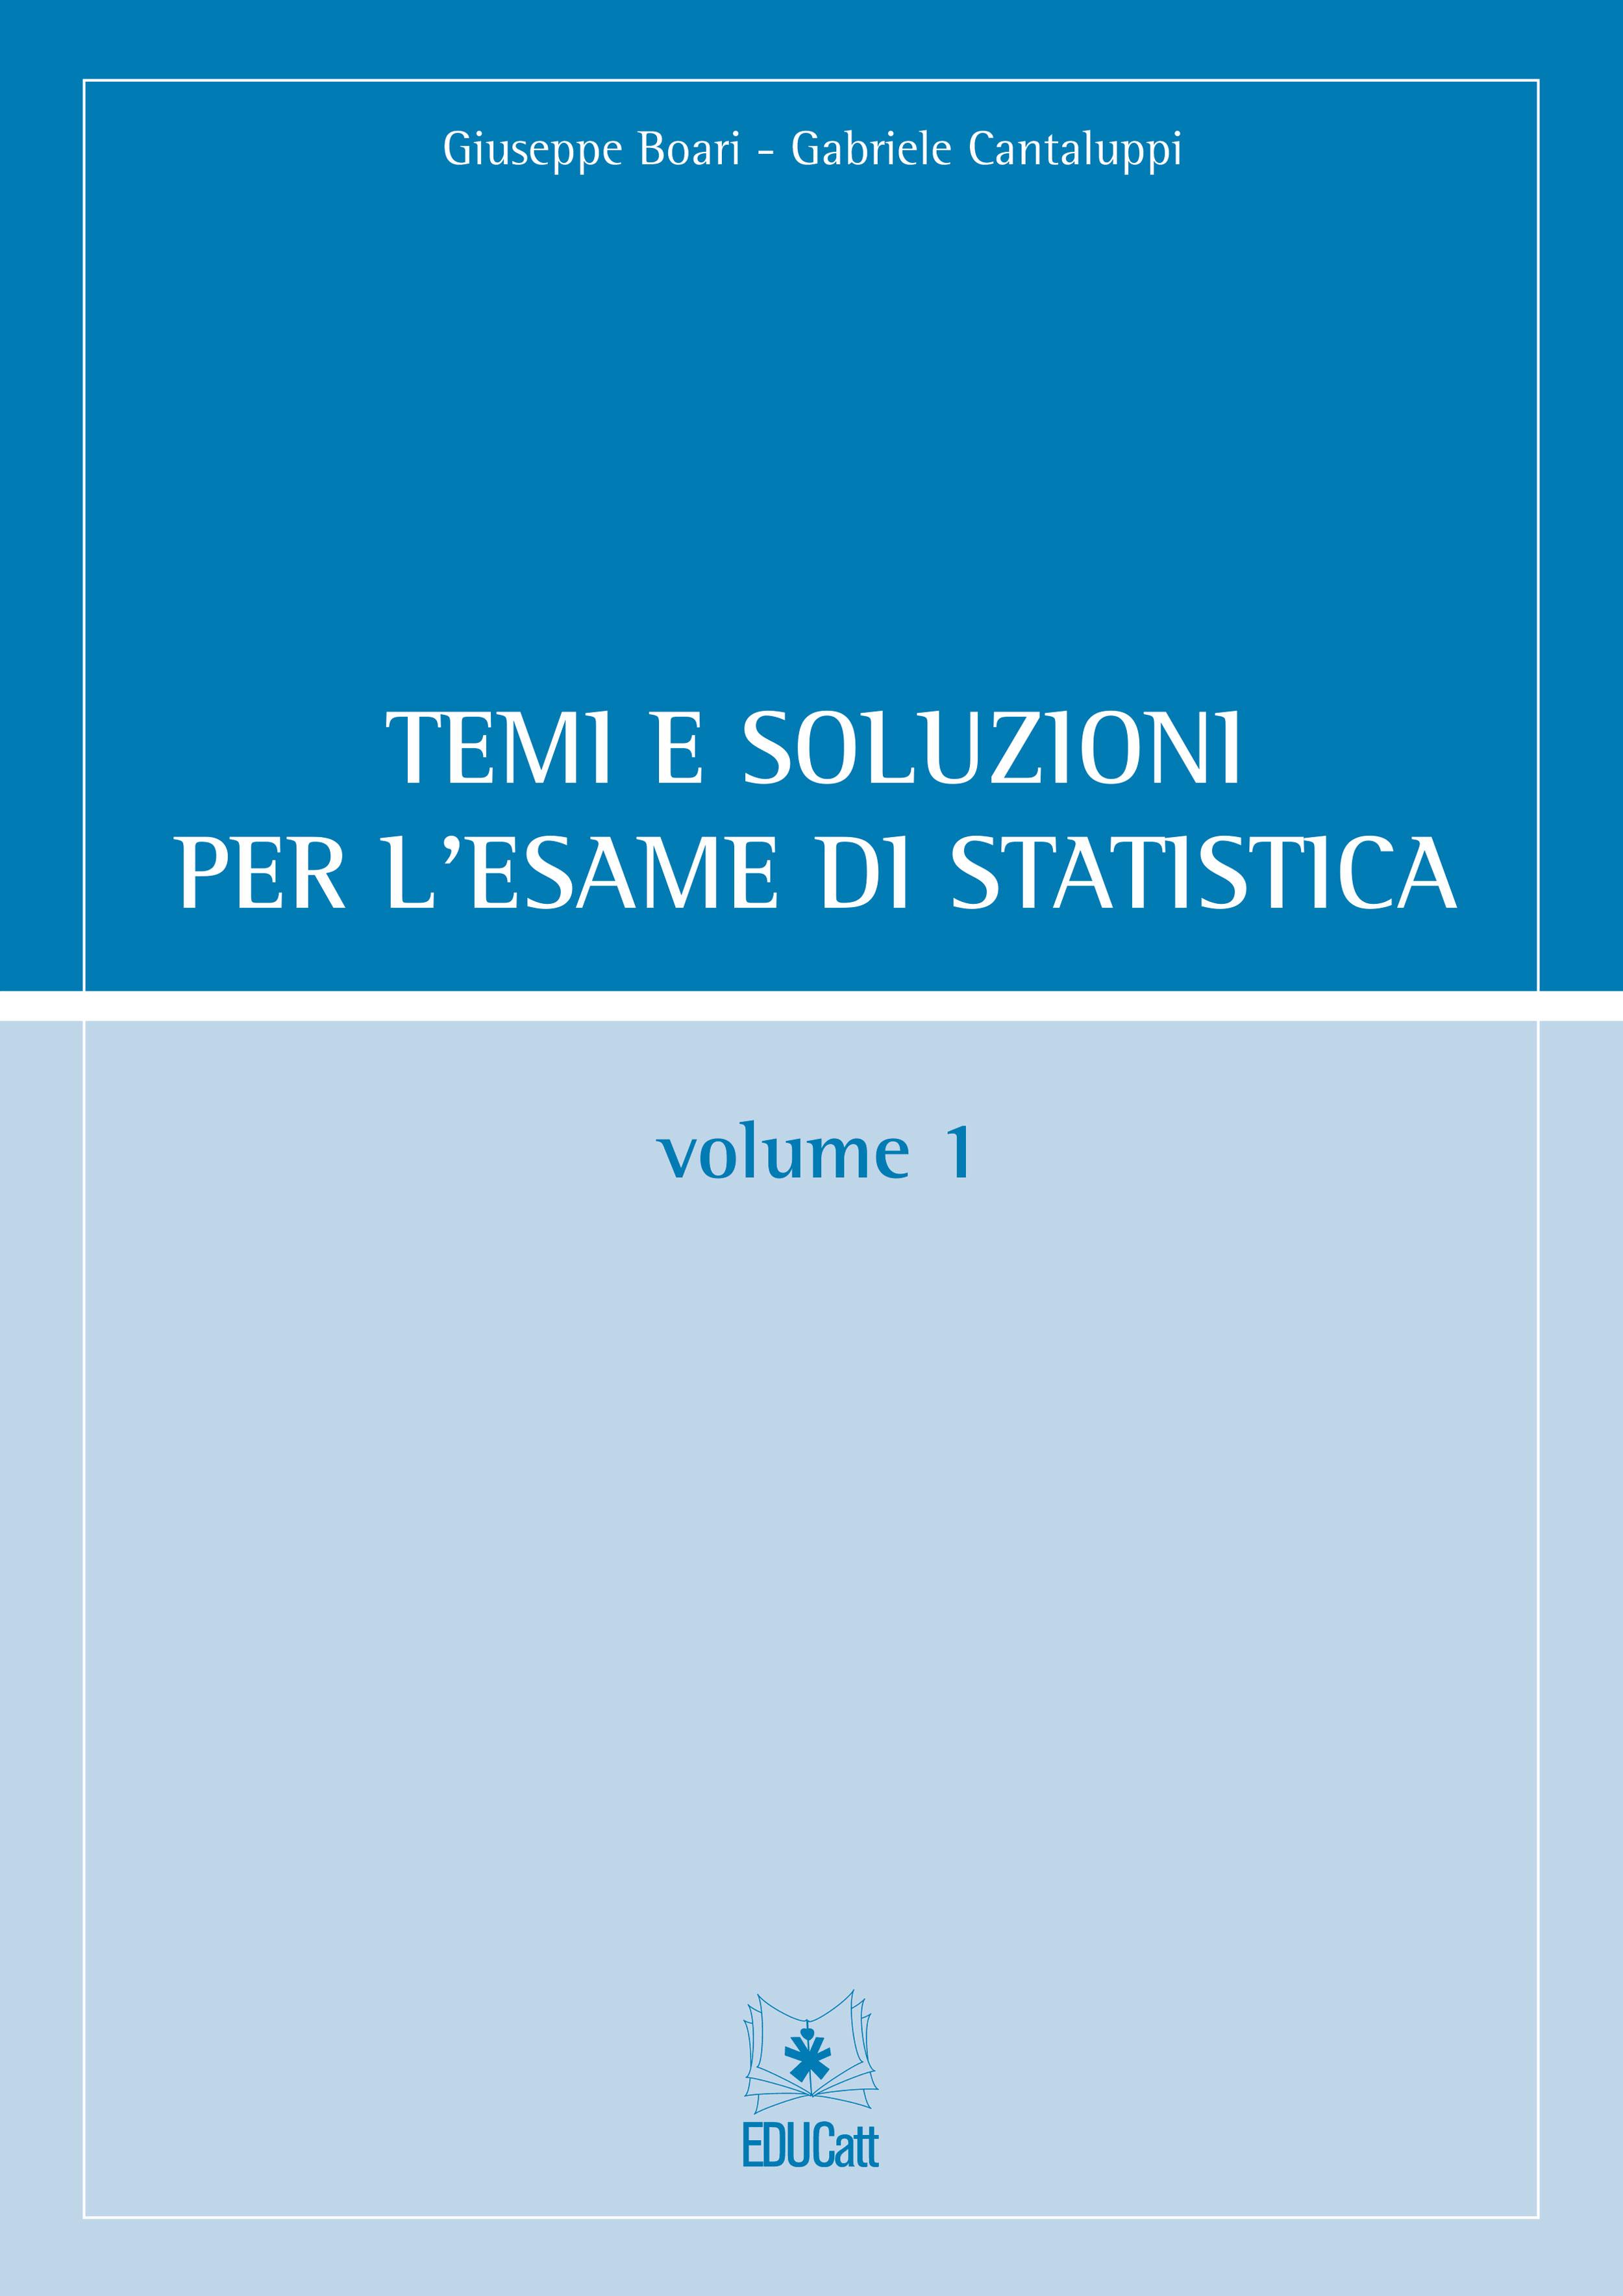 TEMI E SOLUZIONI PER L'ESAME DI STATISTICA VOLUME 1